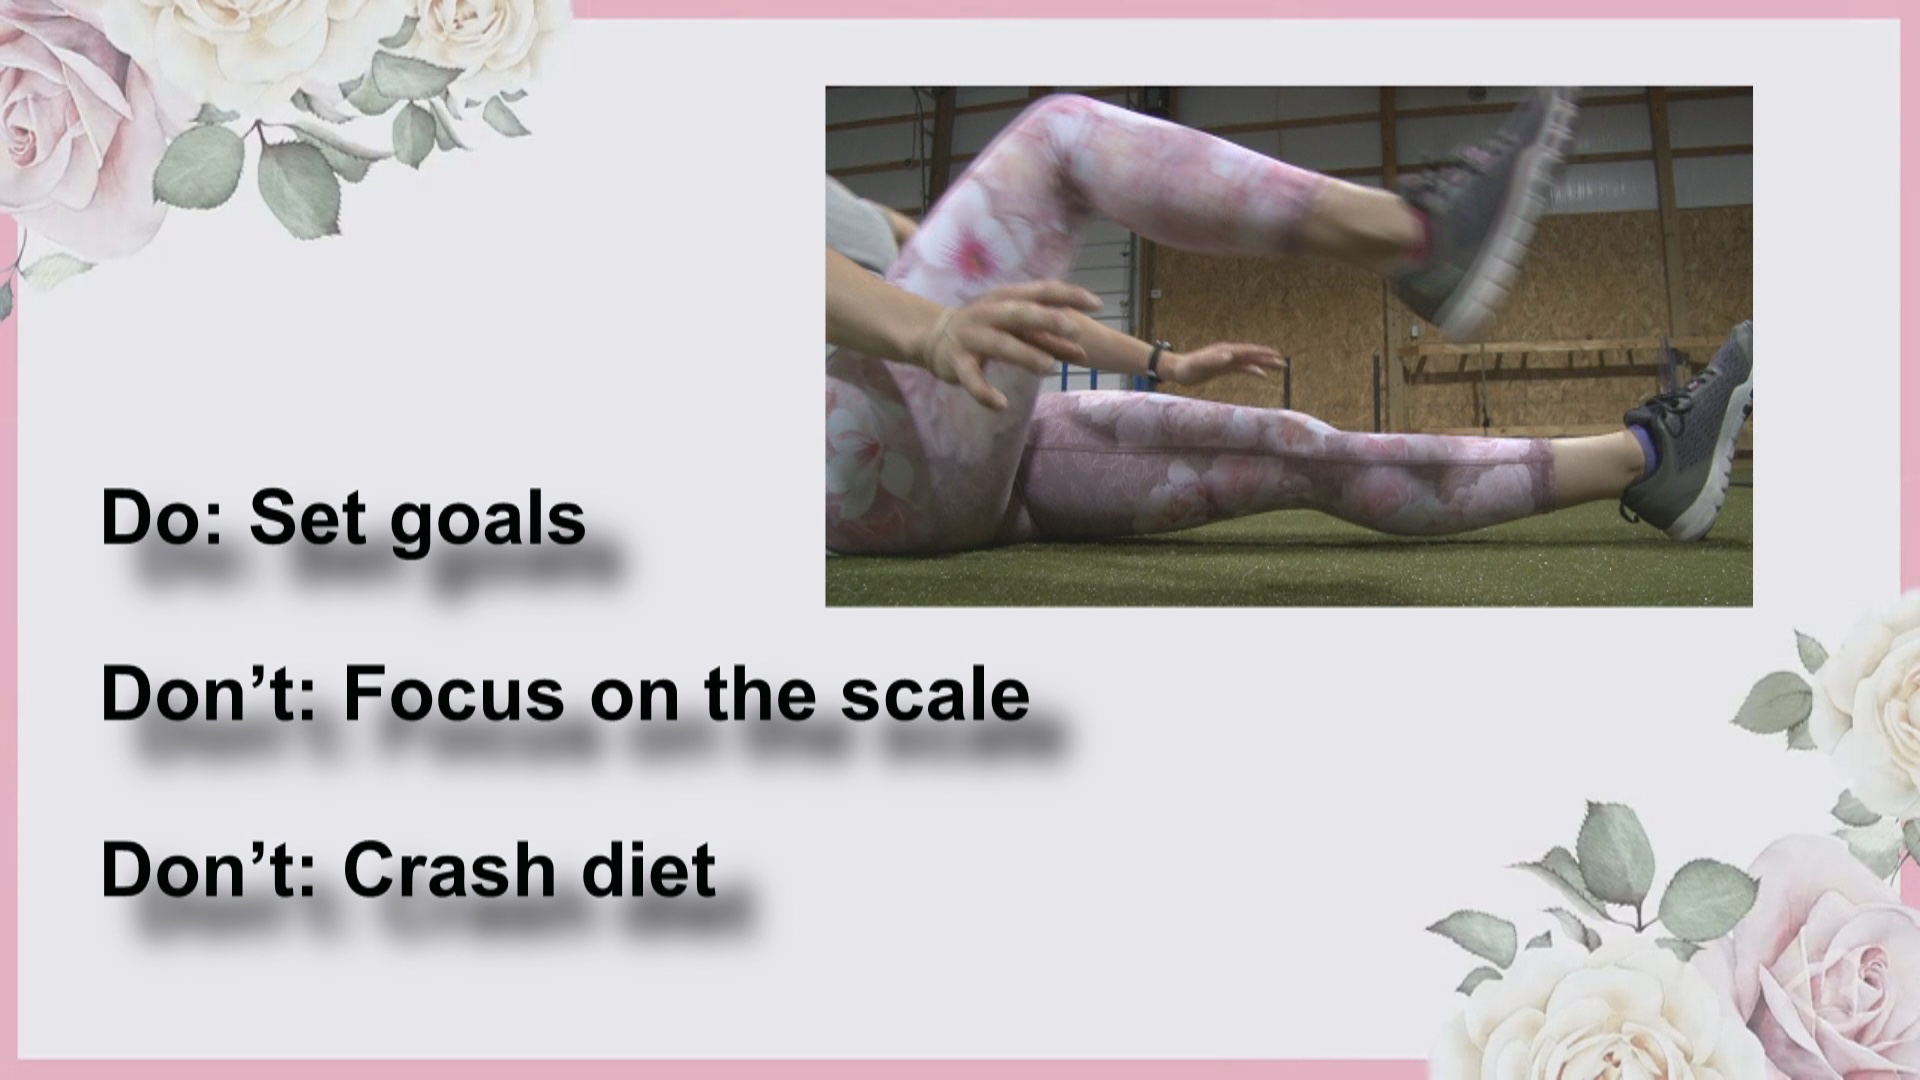 set goal_1530205685647.jpg.jpg